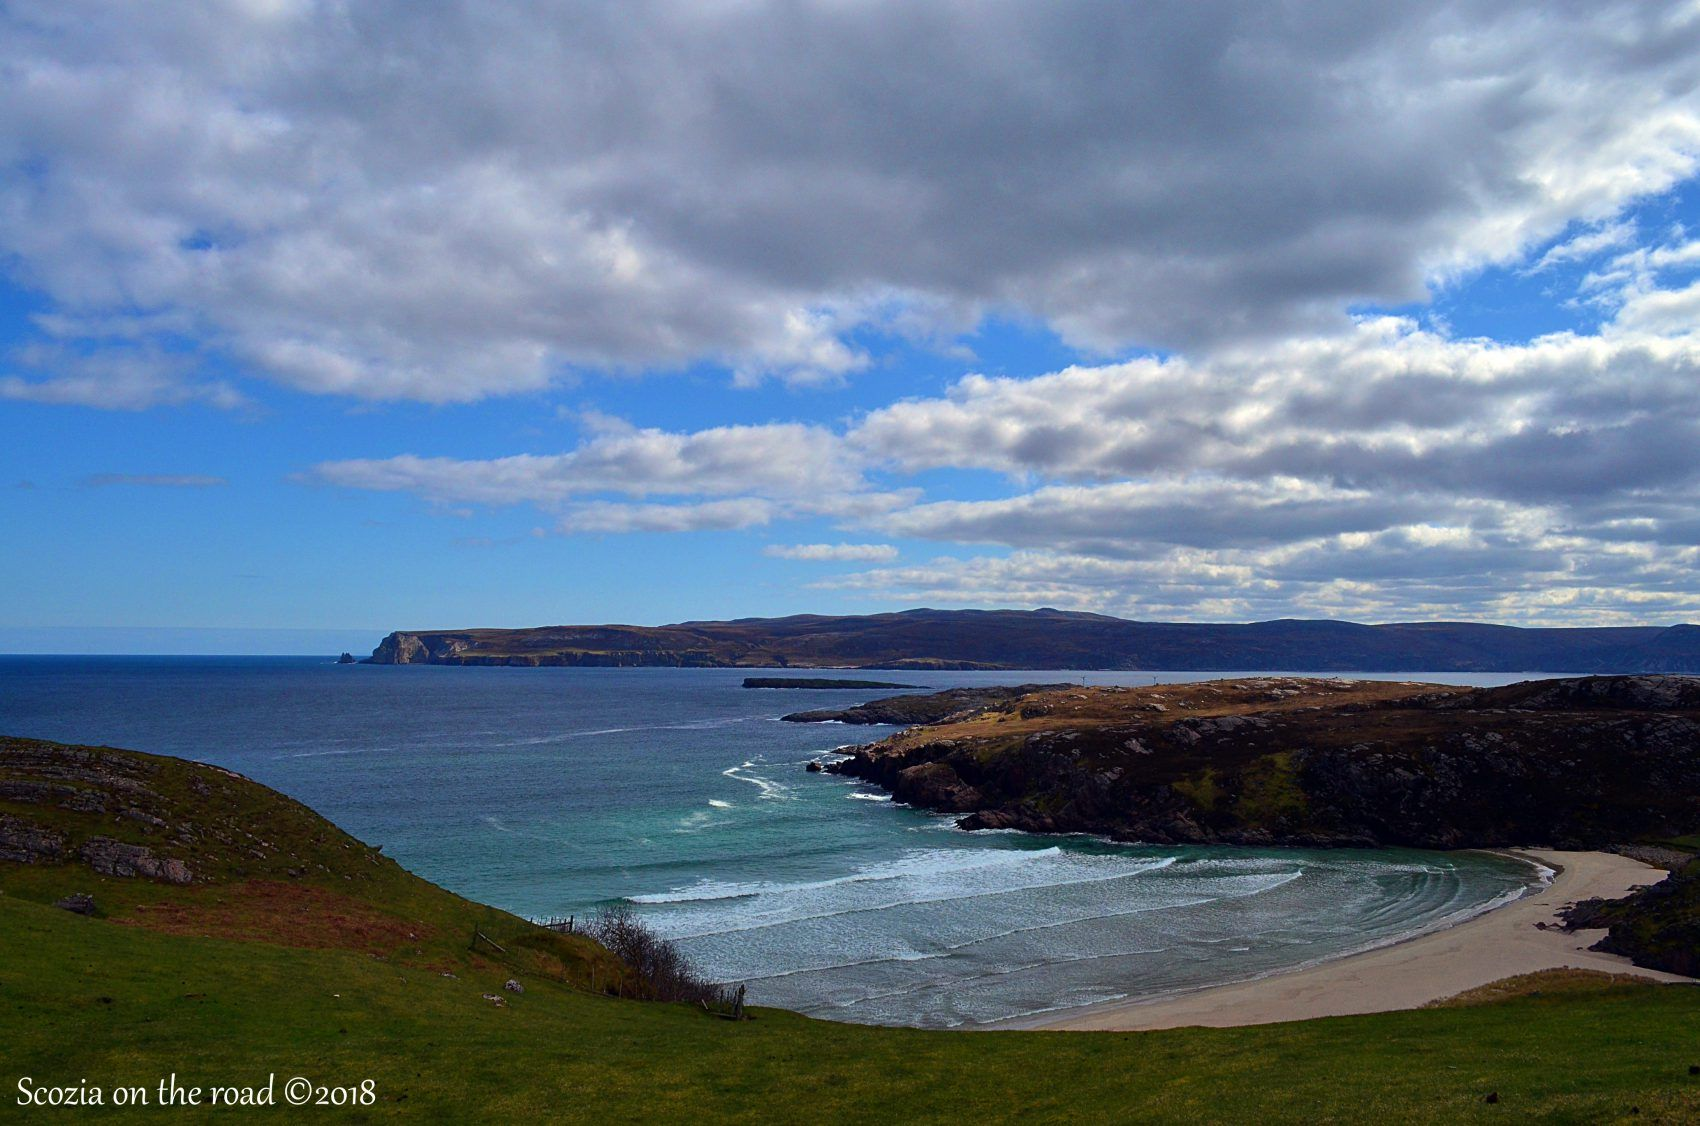 ceannabeinne beach Scozia - 15 giorni tra le Highlands